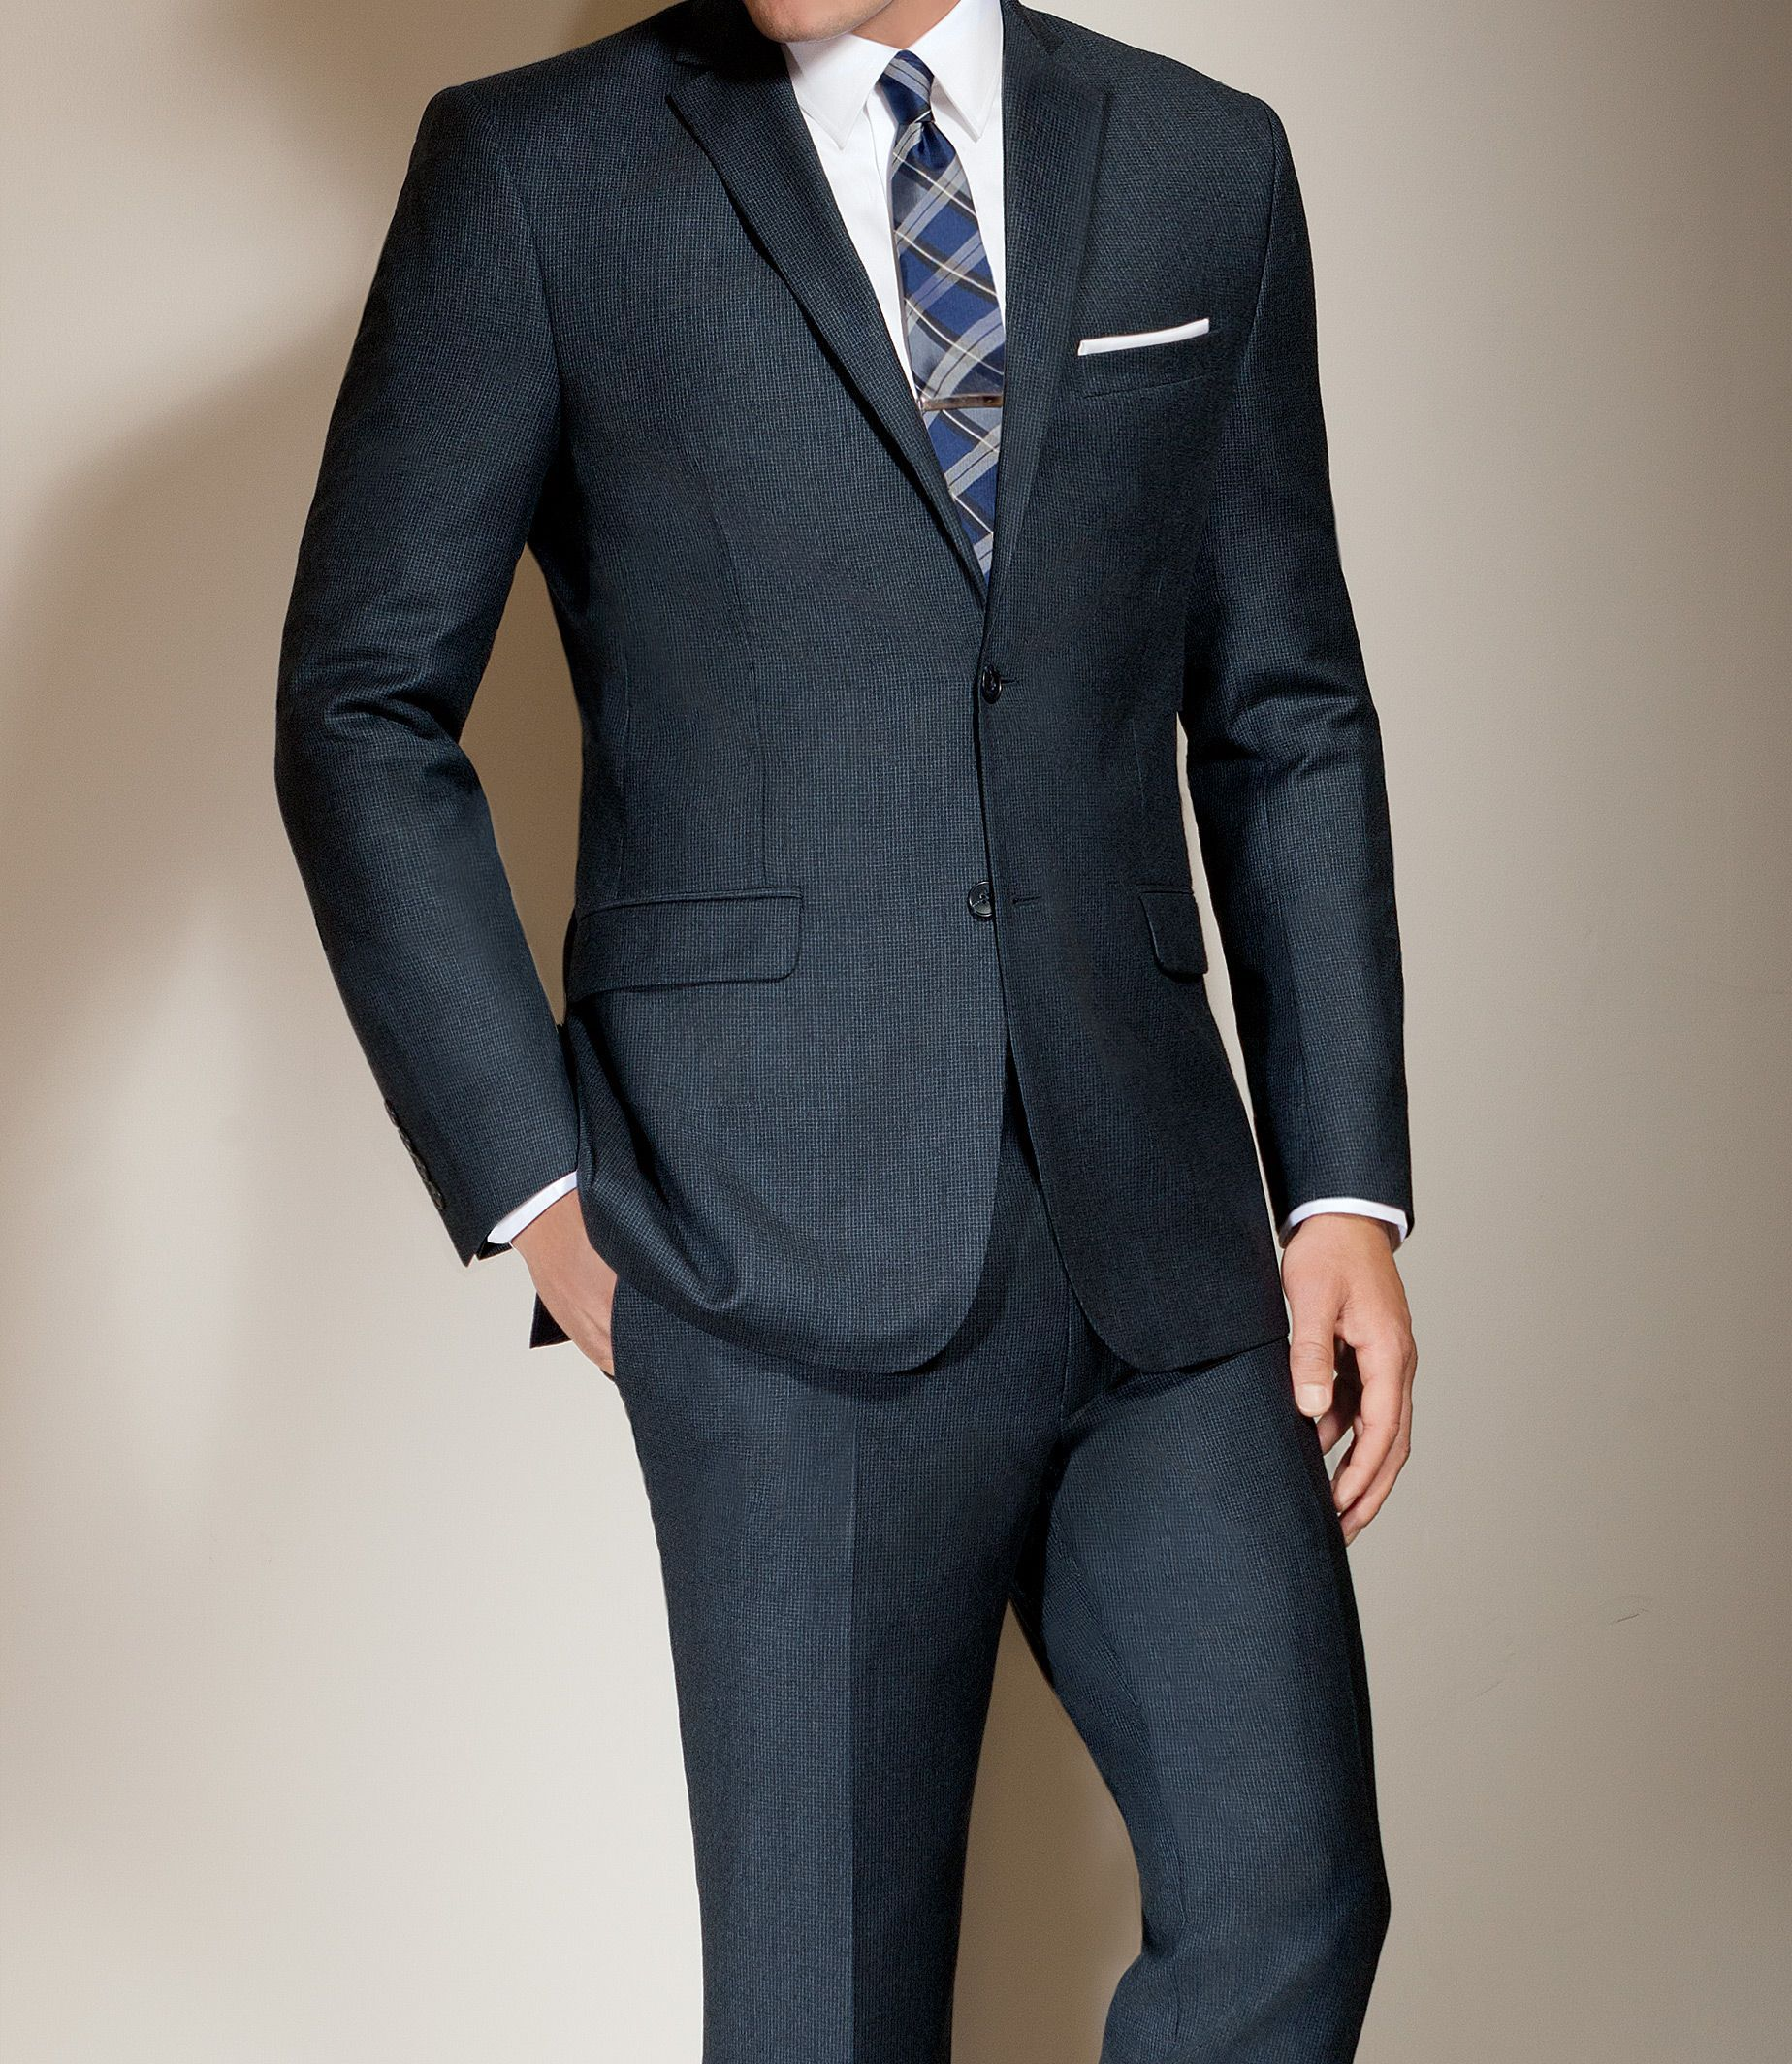 Joseph Slim Fit 2 Button Wool Cashmere Plain Front Suit Clearance